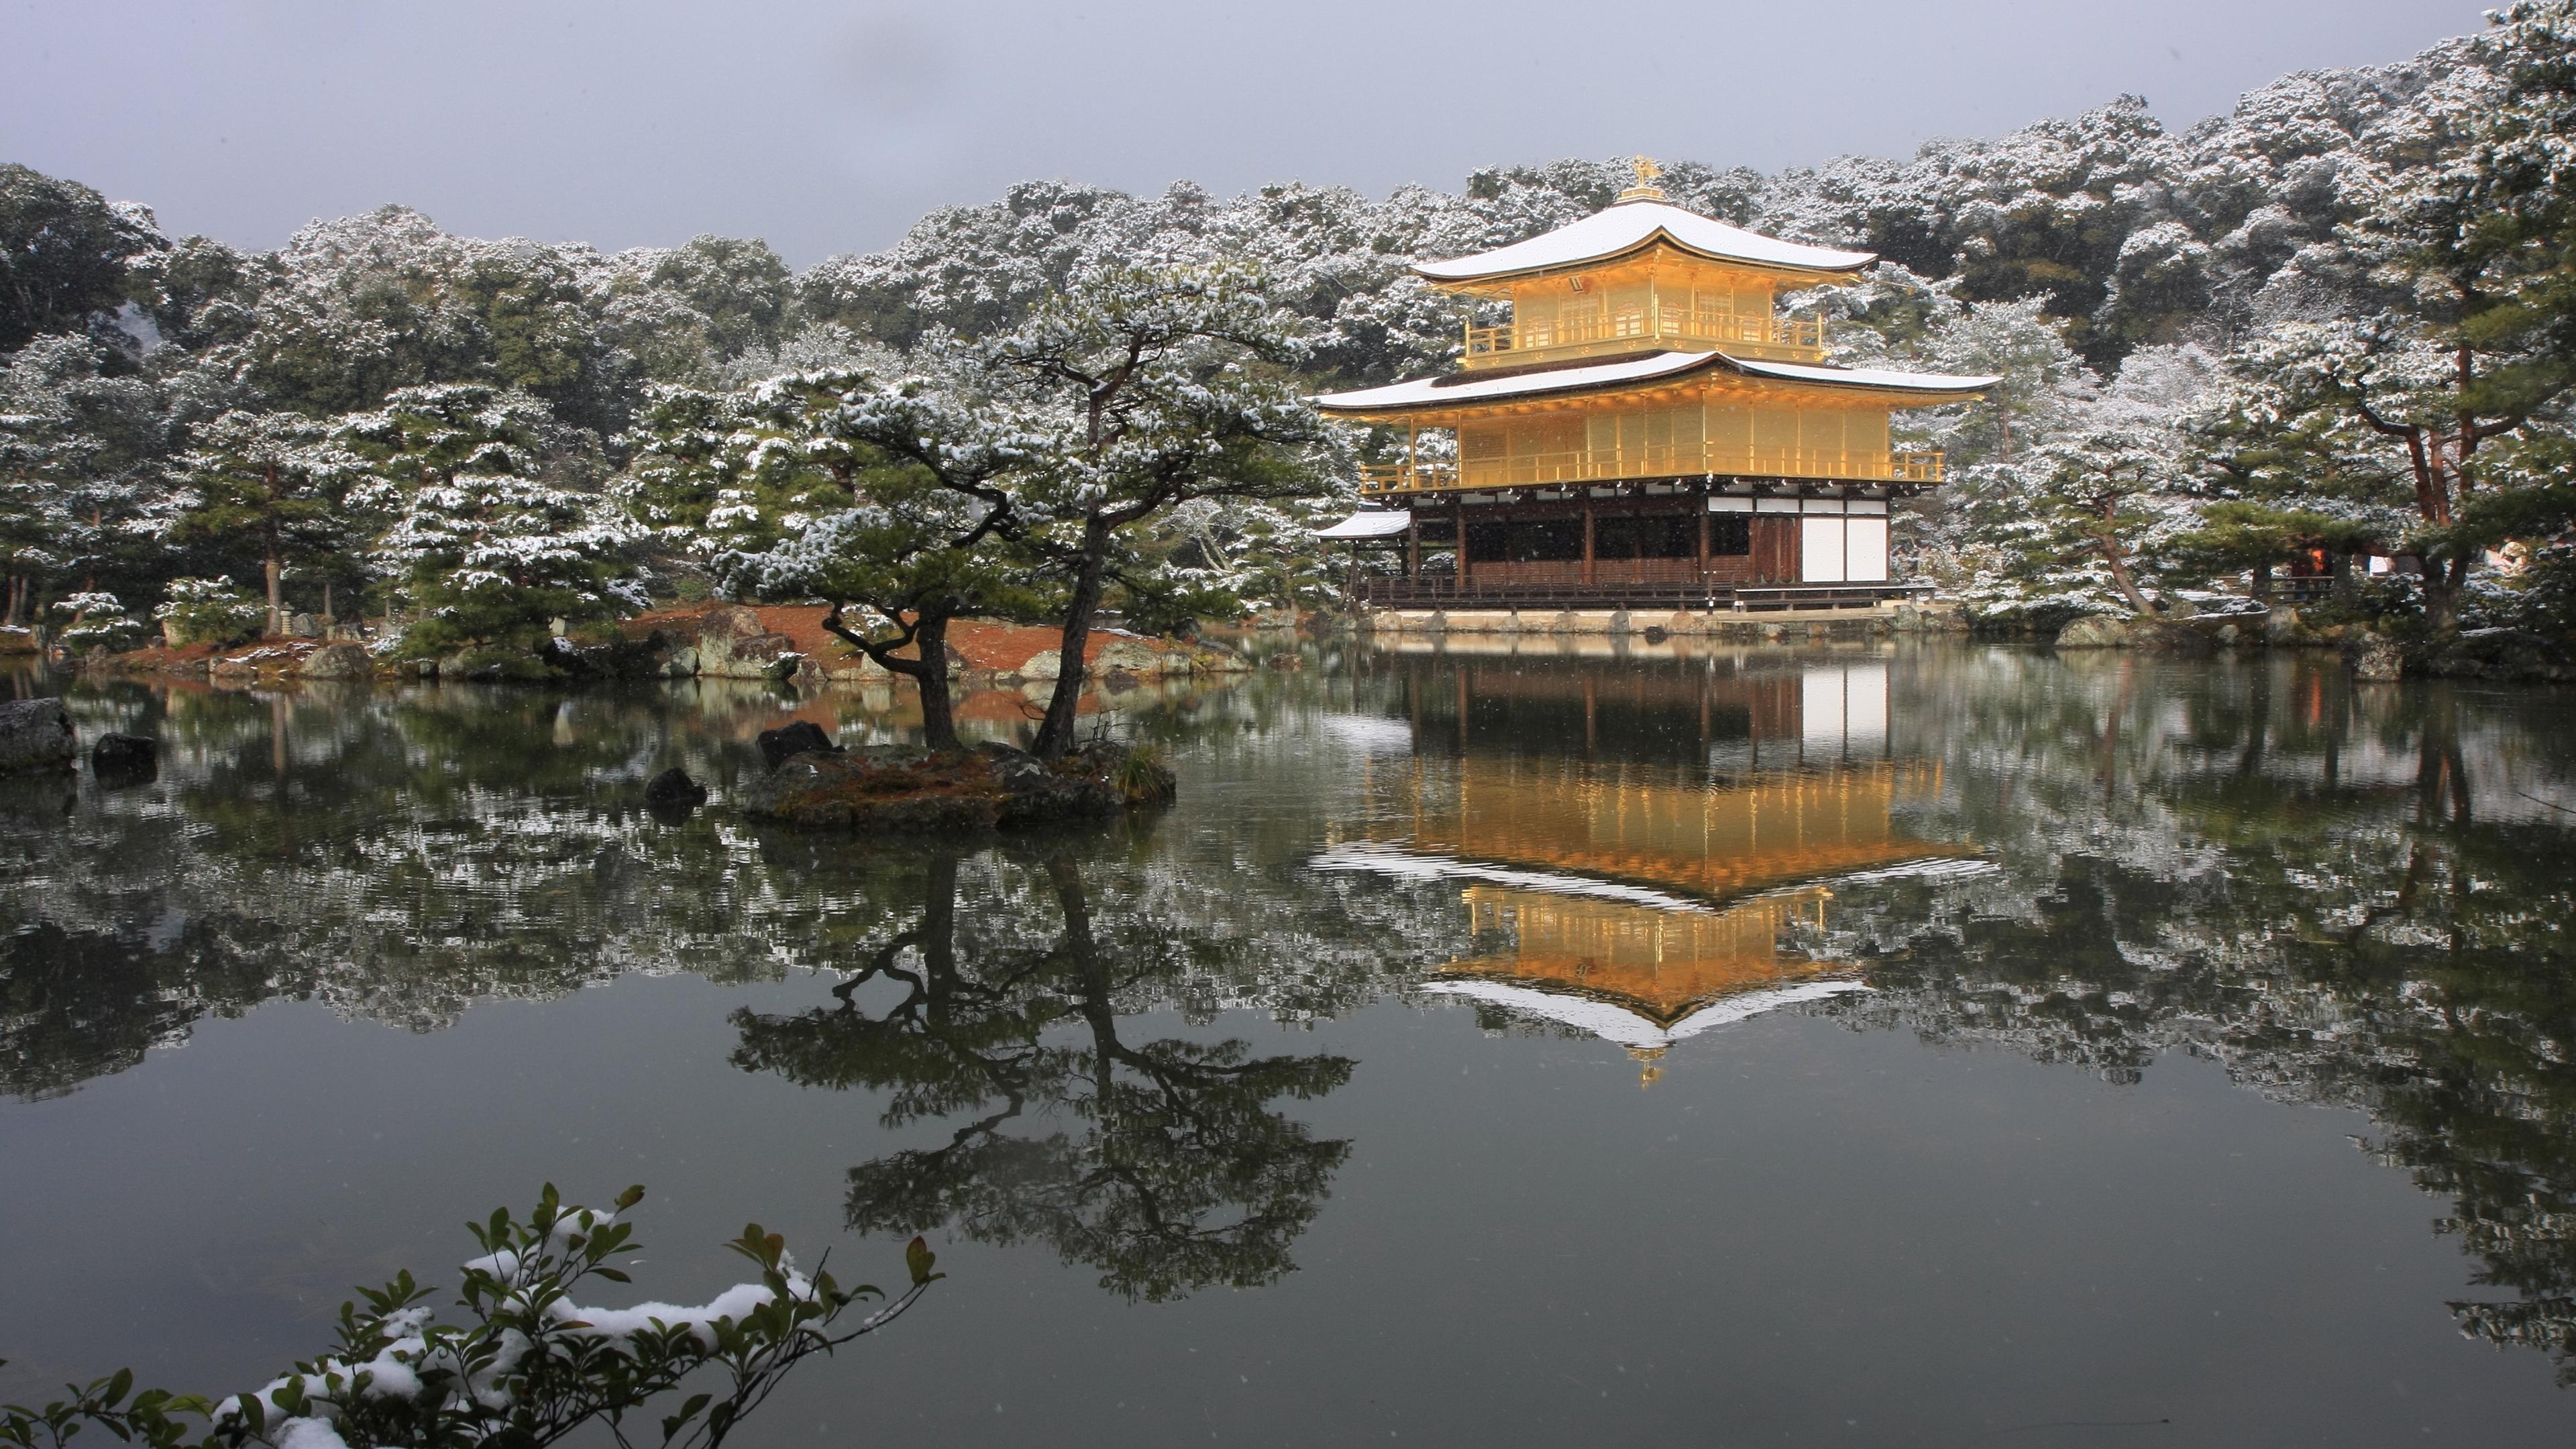 4k 08年 雪の京都壁紙その1 計10枚 壁紙 日々駄文